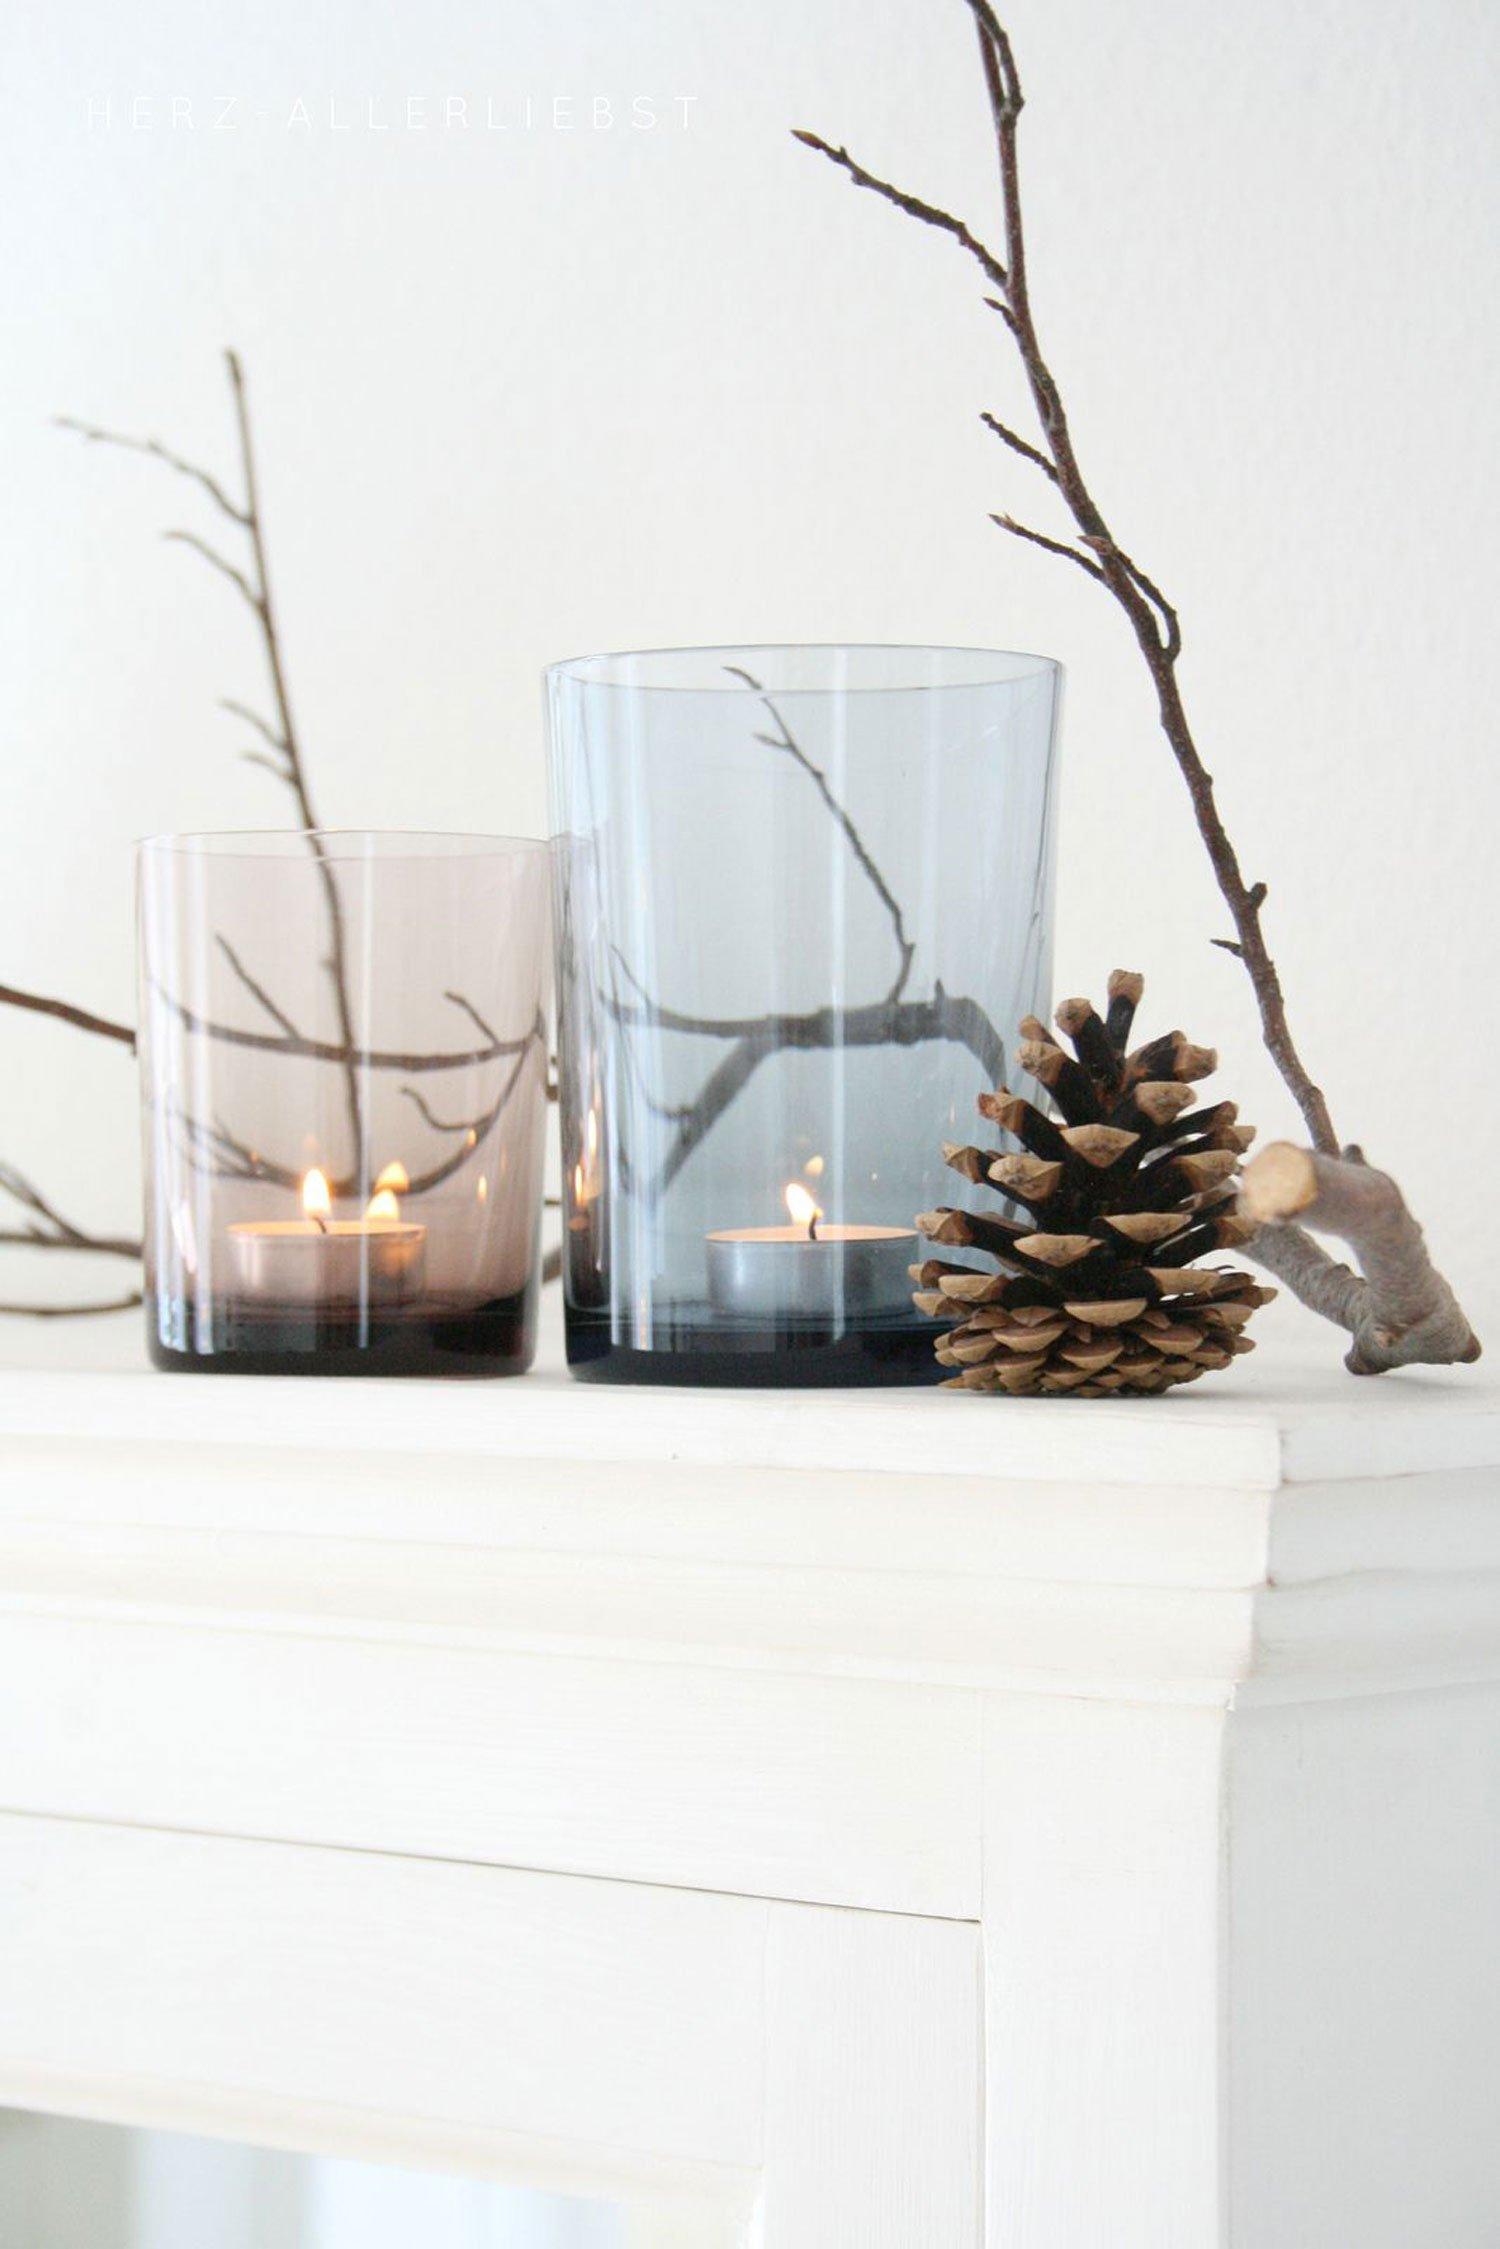 autumn decor DIY idea pinecones